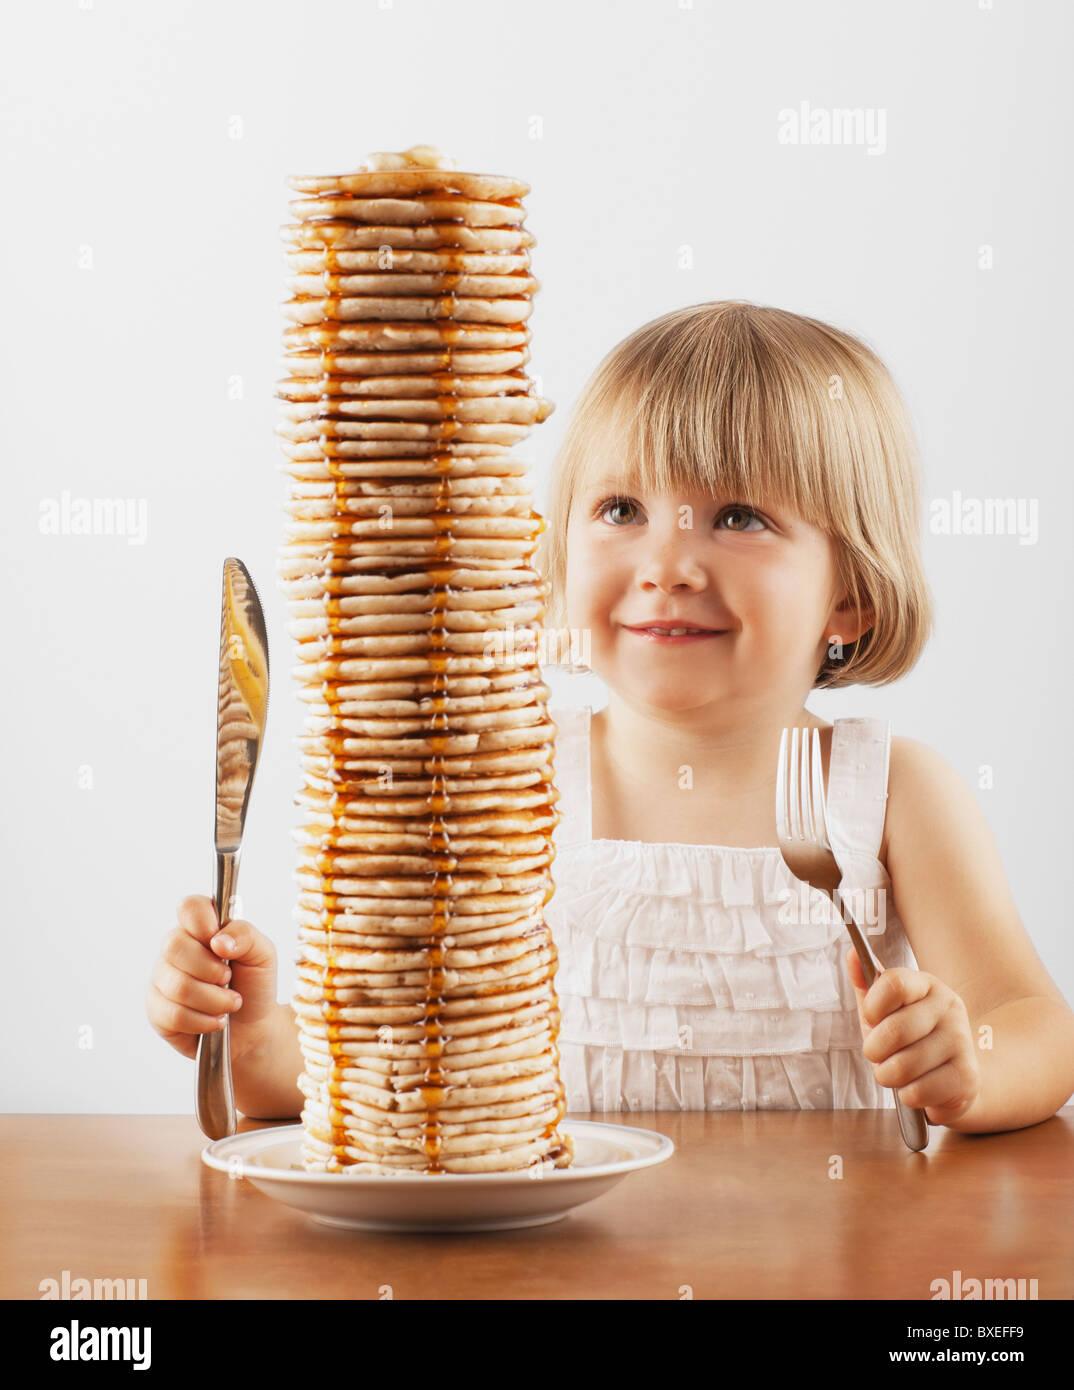 Junges Mädchen sitzt hinter einem hohen Stapel von Pfannkuchen Stockbild